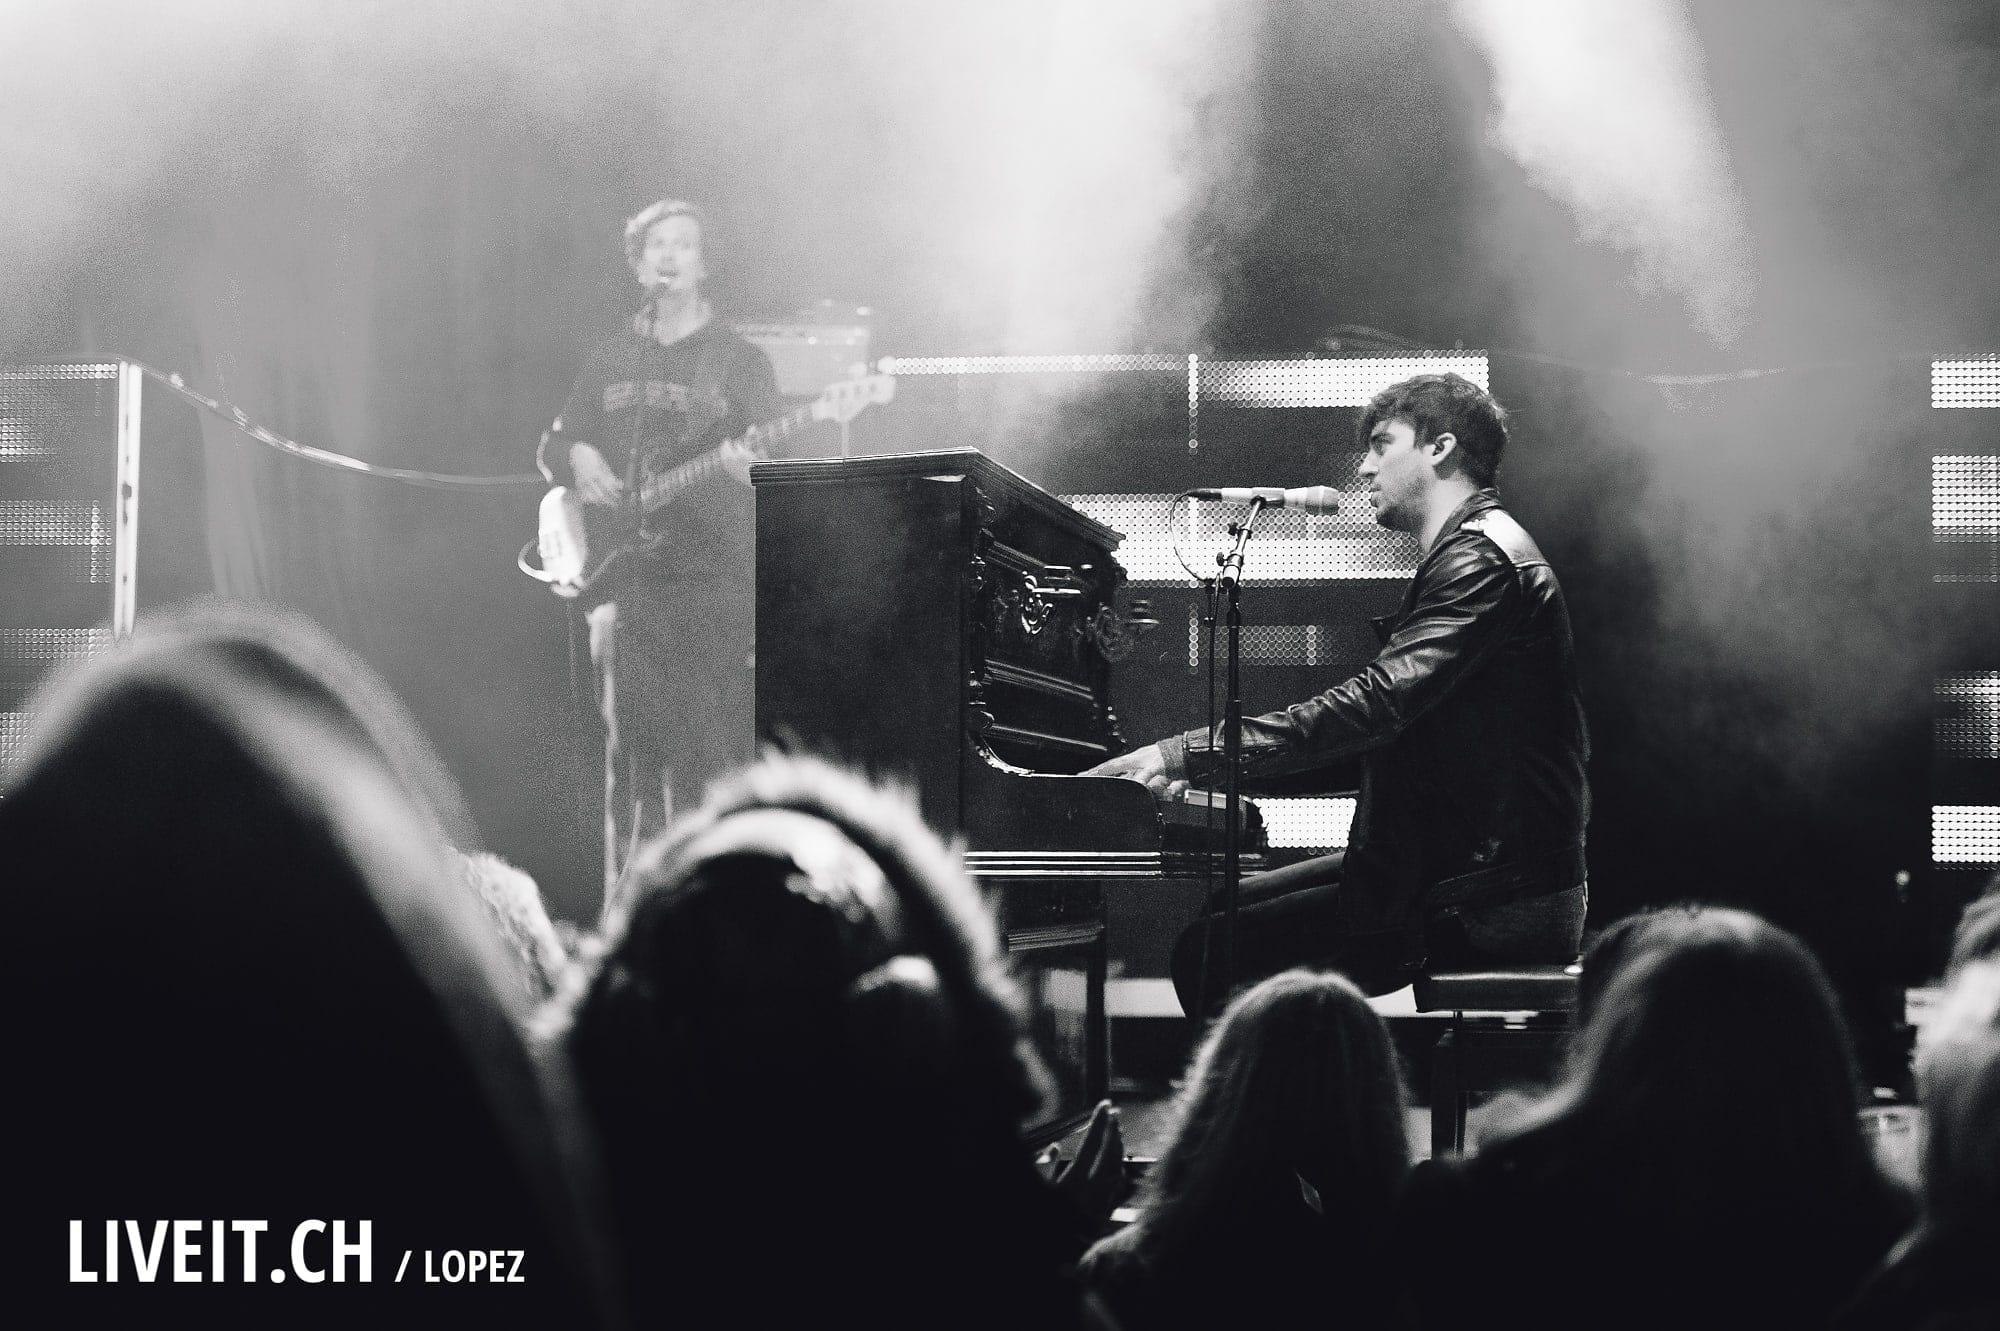 © Manuel Lopez / LIVEIT.CH